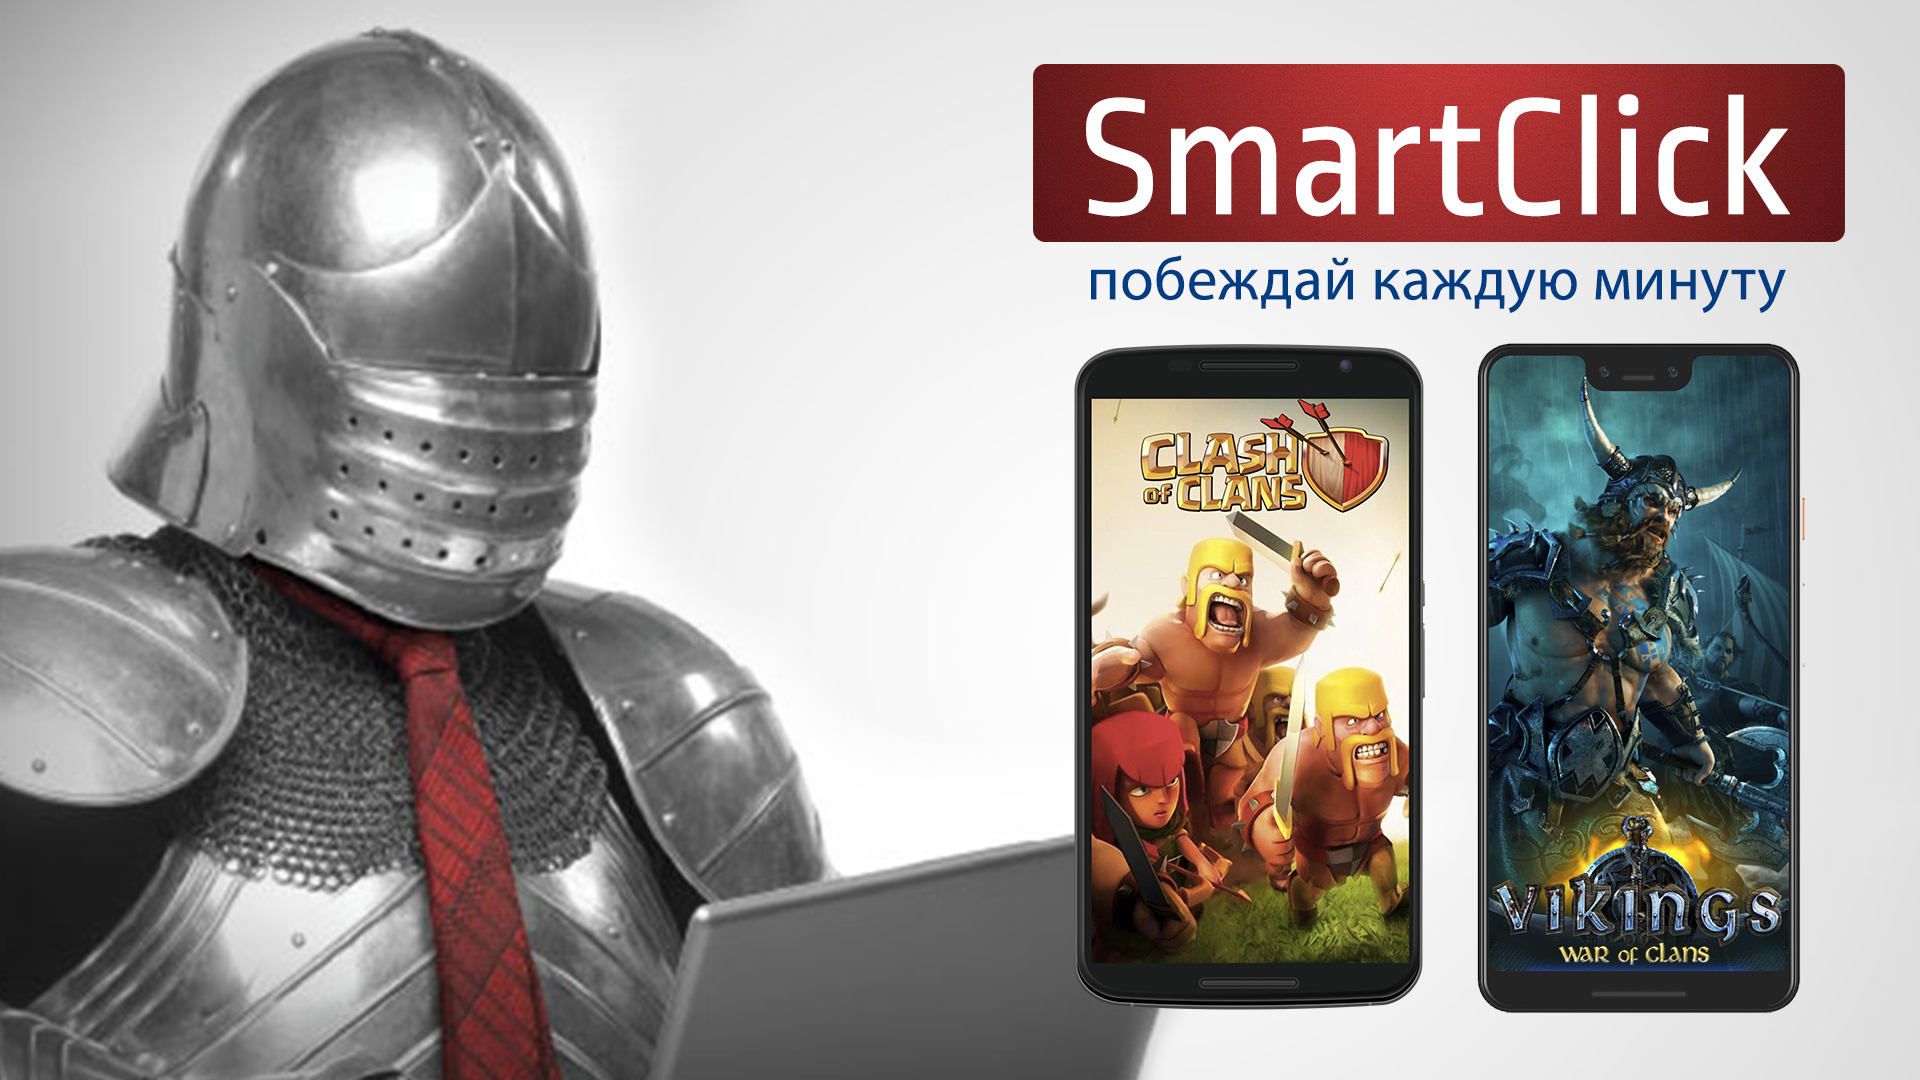 Разработка рекламного баннера мобильного приложения фото f_0825c0683a469005.jpg